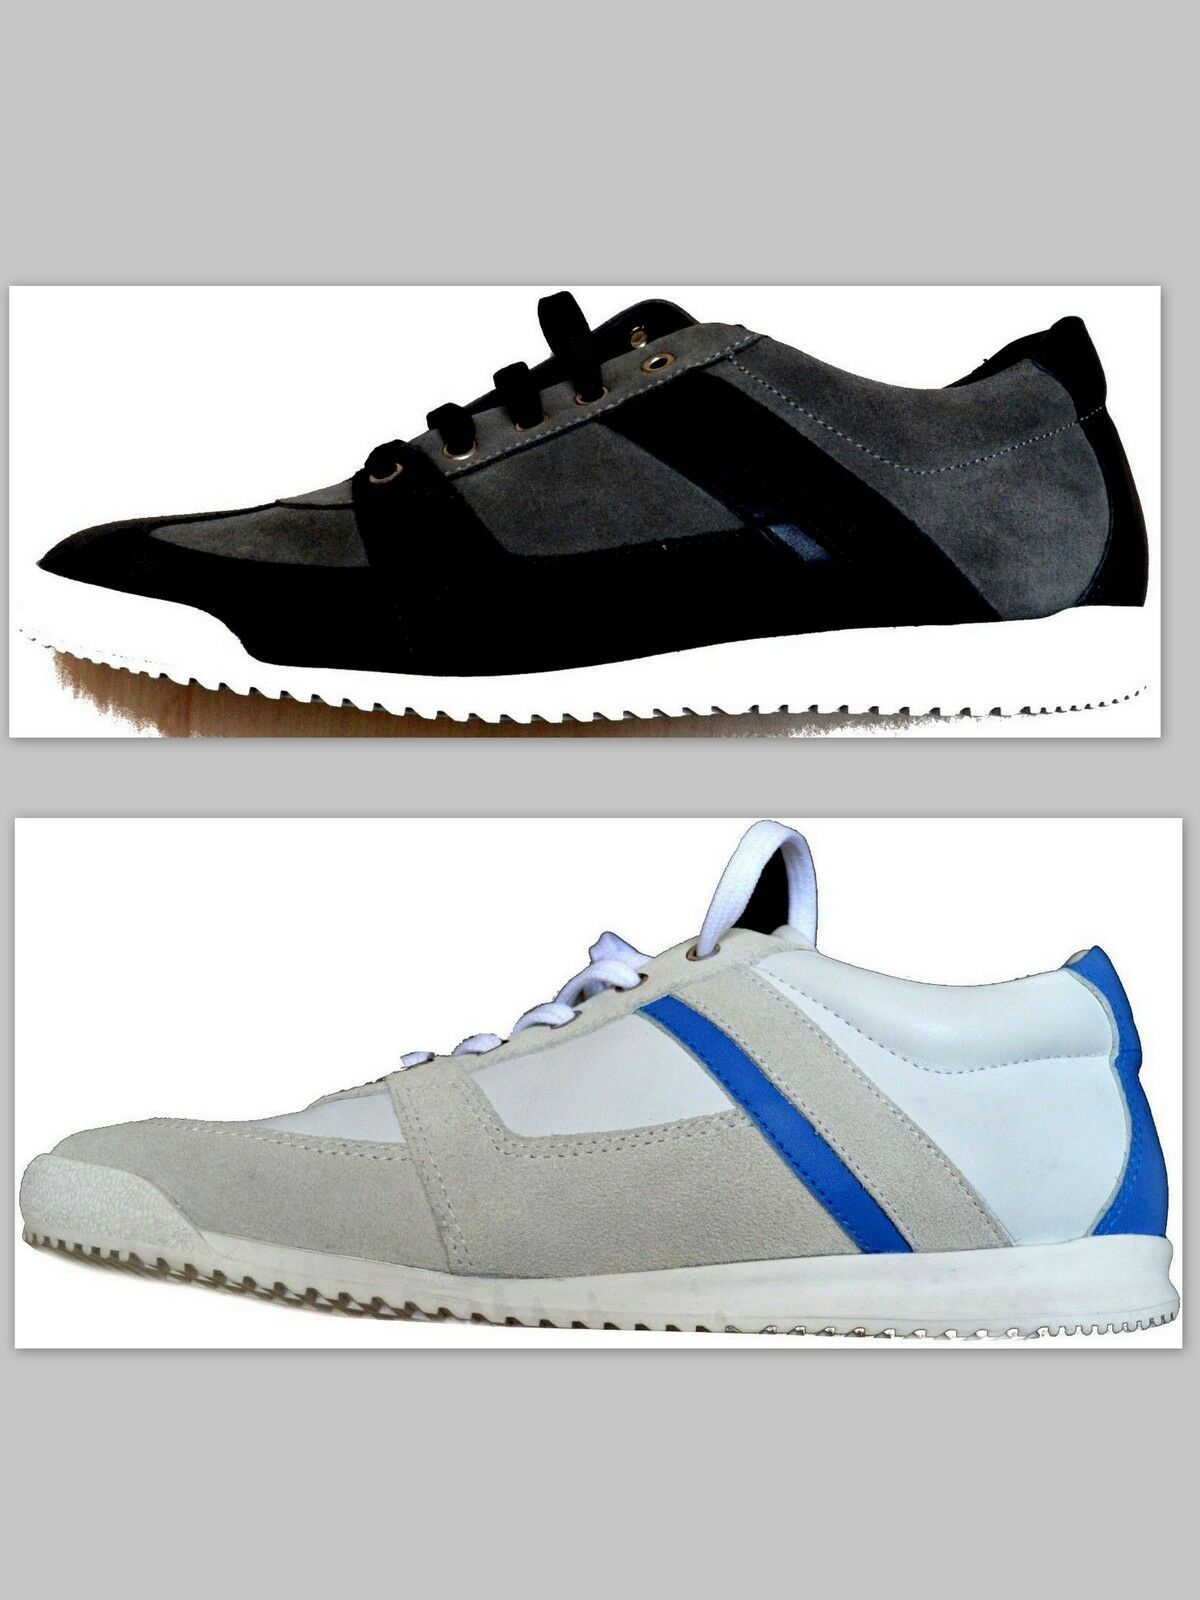 Scarpe Uomo Uomo Gianfranco Ferrè GF Shoes Scarpe da Ginnastica Nwt box and sand bag 100% Lea